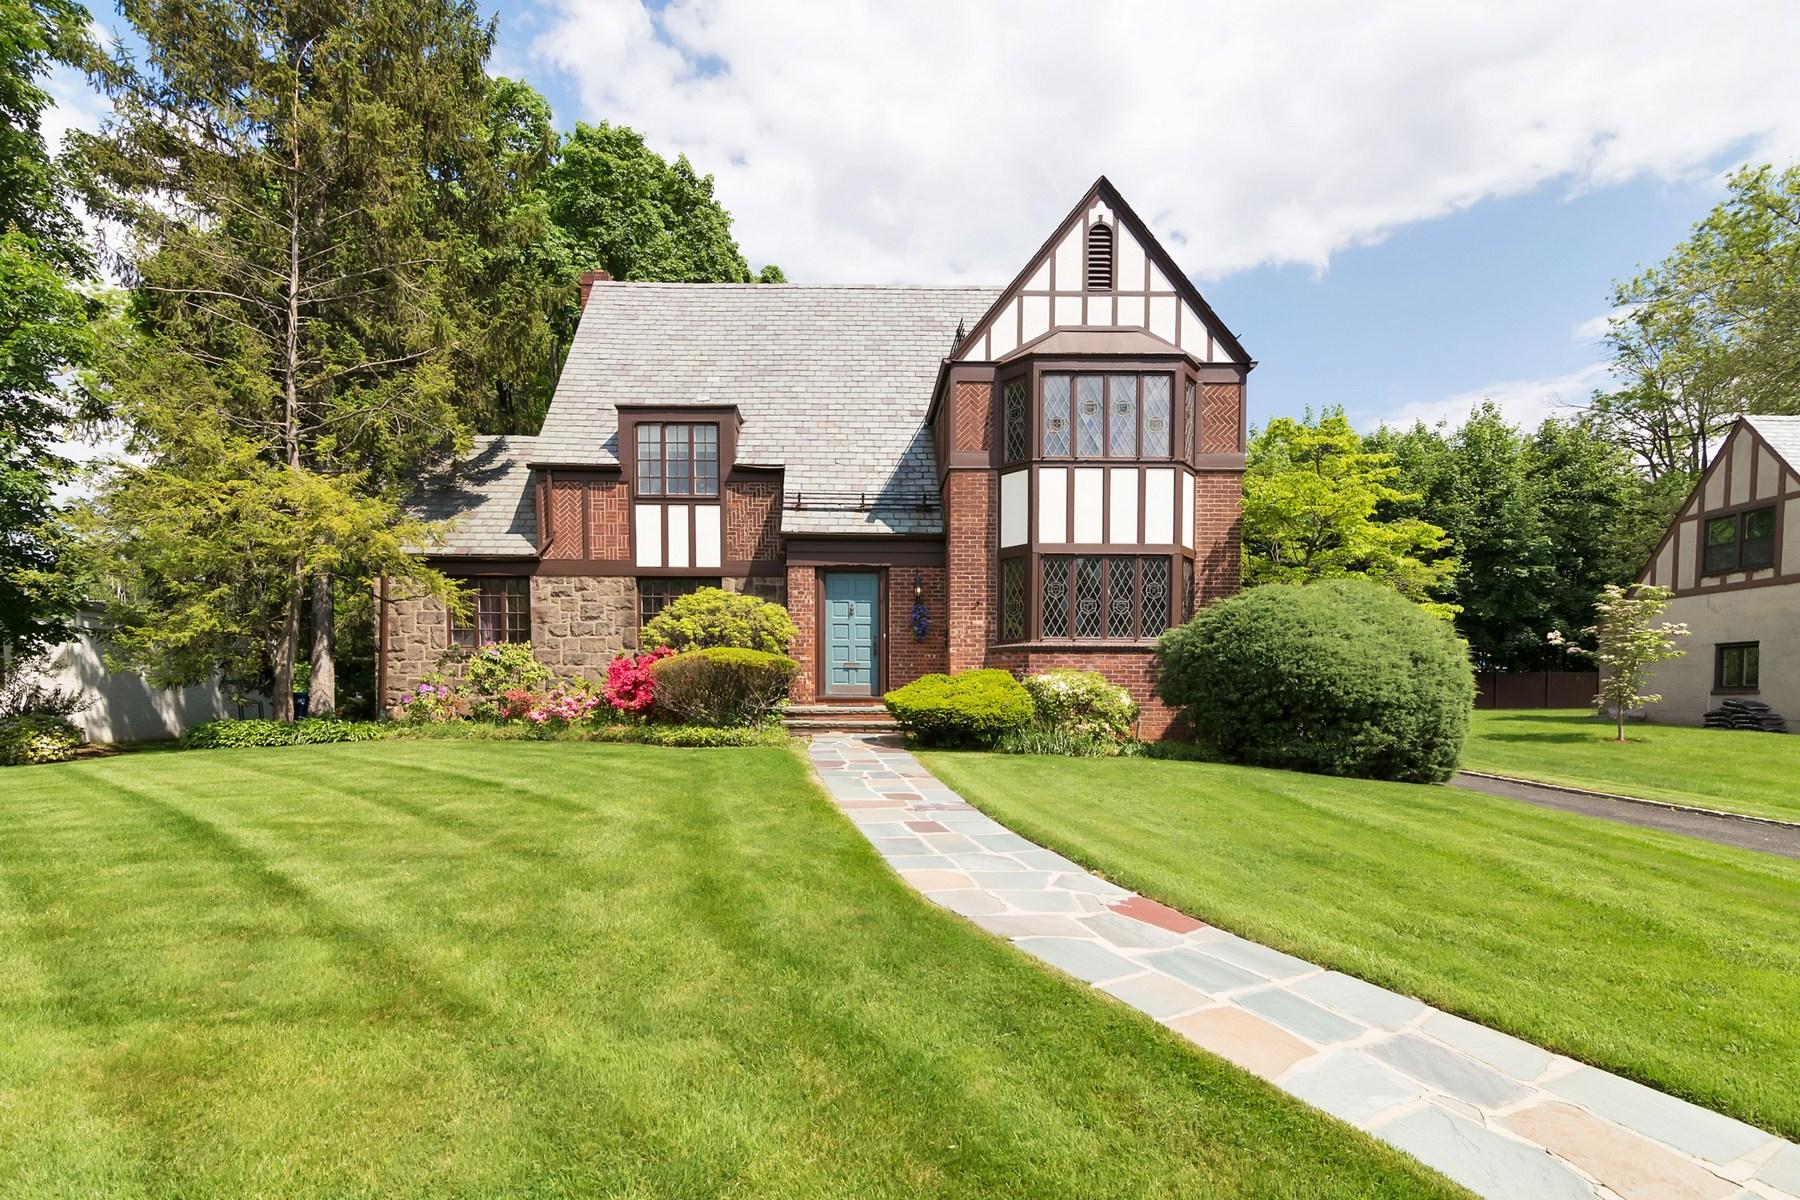 Частный односемейный дом для того Продажа на Majestic Tudor Living 356 Maple Hill Drive Hackensack, 07601 Соединенные Штаты